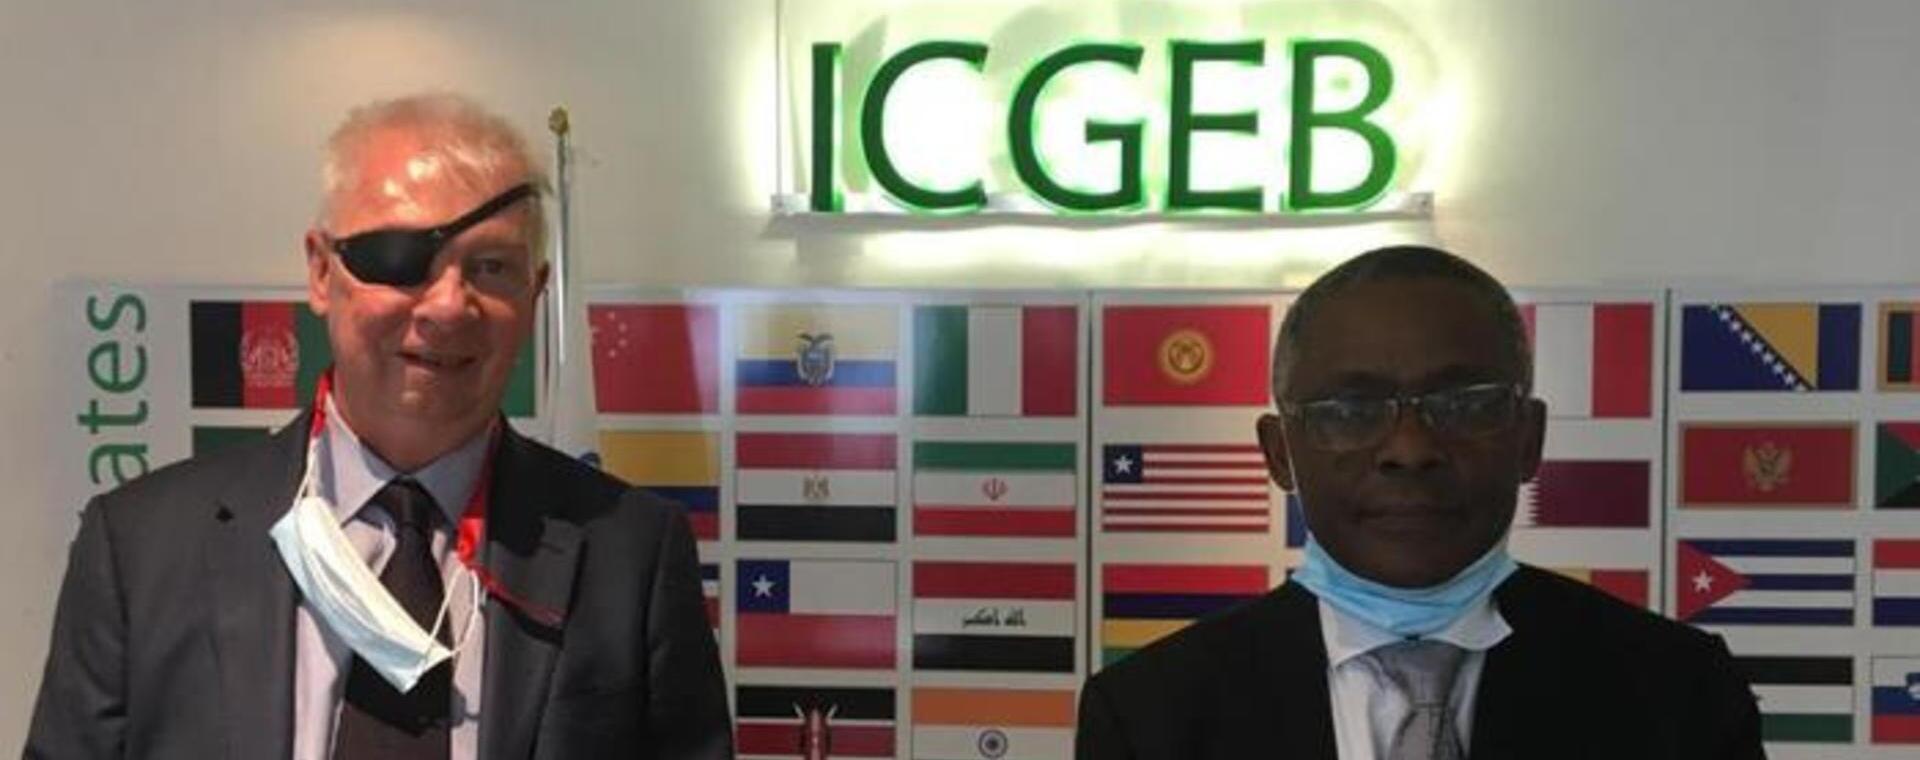 ICGEB e TWAS: insieme per lo sviluppo scientifico del Sud del mondo